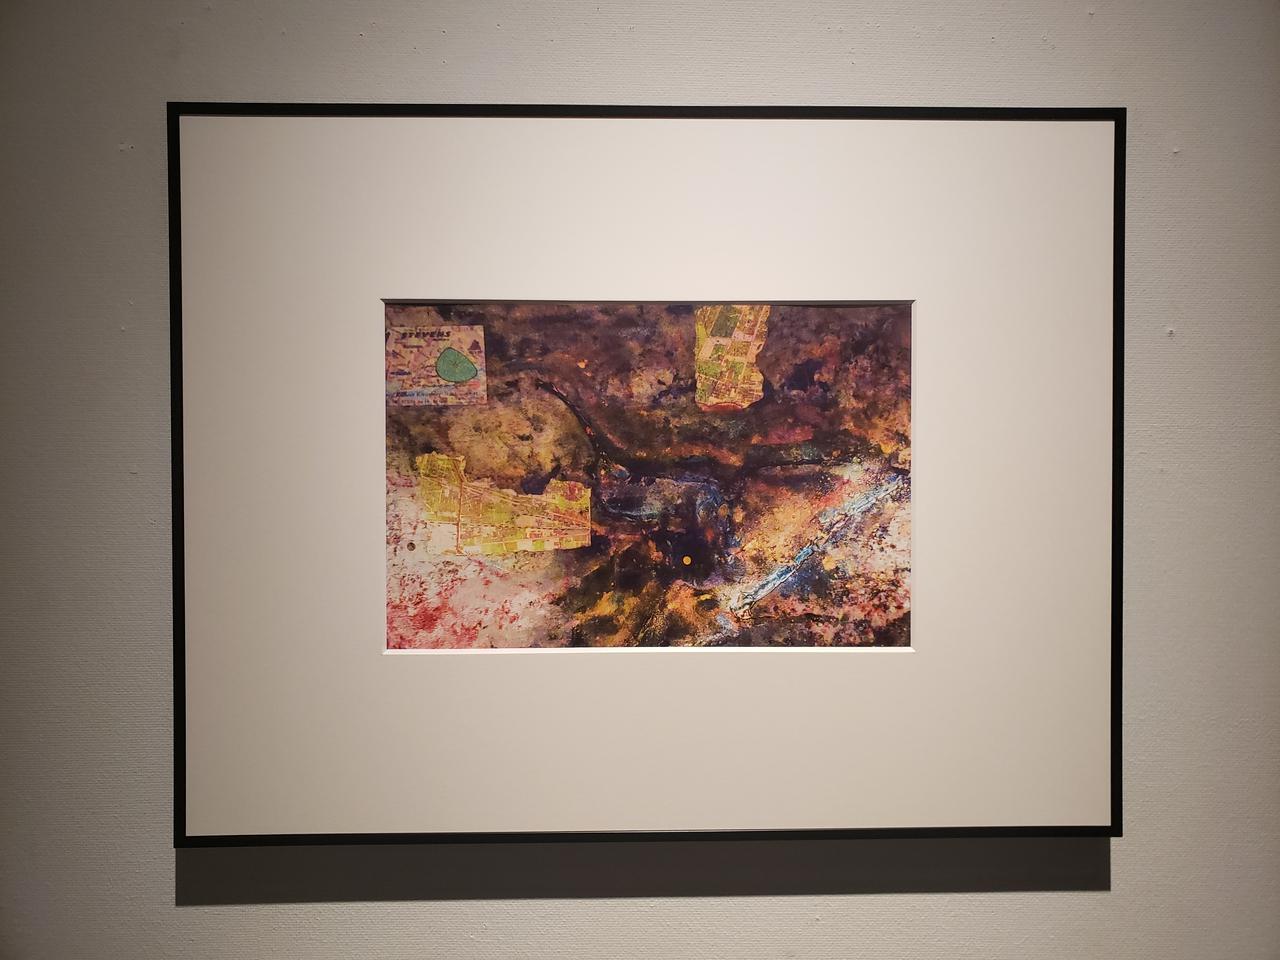 画像: 展示作品より。本展ではカラーの作品も1点展示されています。 「廃墟とかが好きなんです。作品には結構、わけがわからないものが入り組んでいるなかに、個人的な要素が混ざっているのが私の作品の色かもしれません」と高島さん。